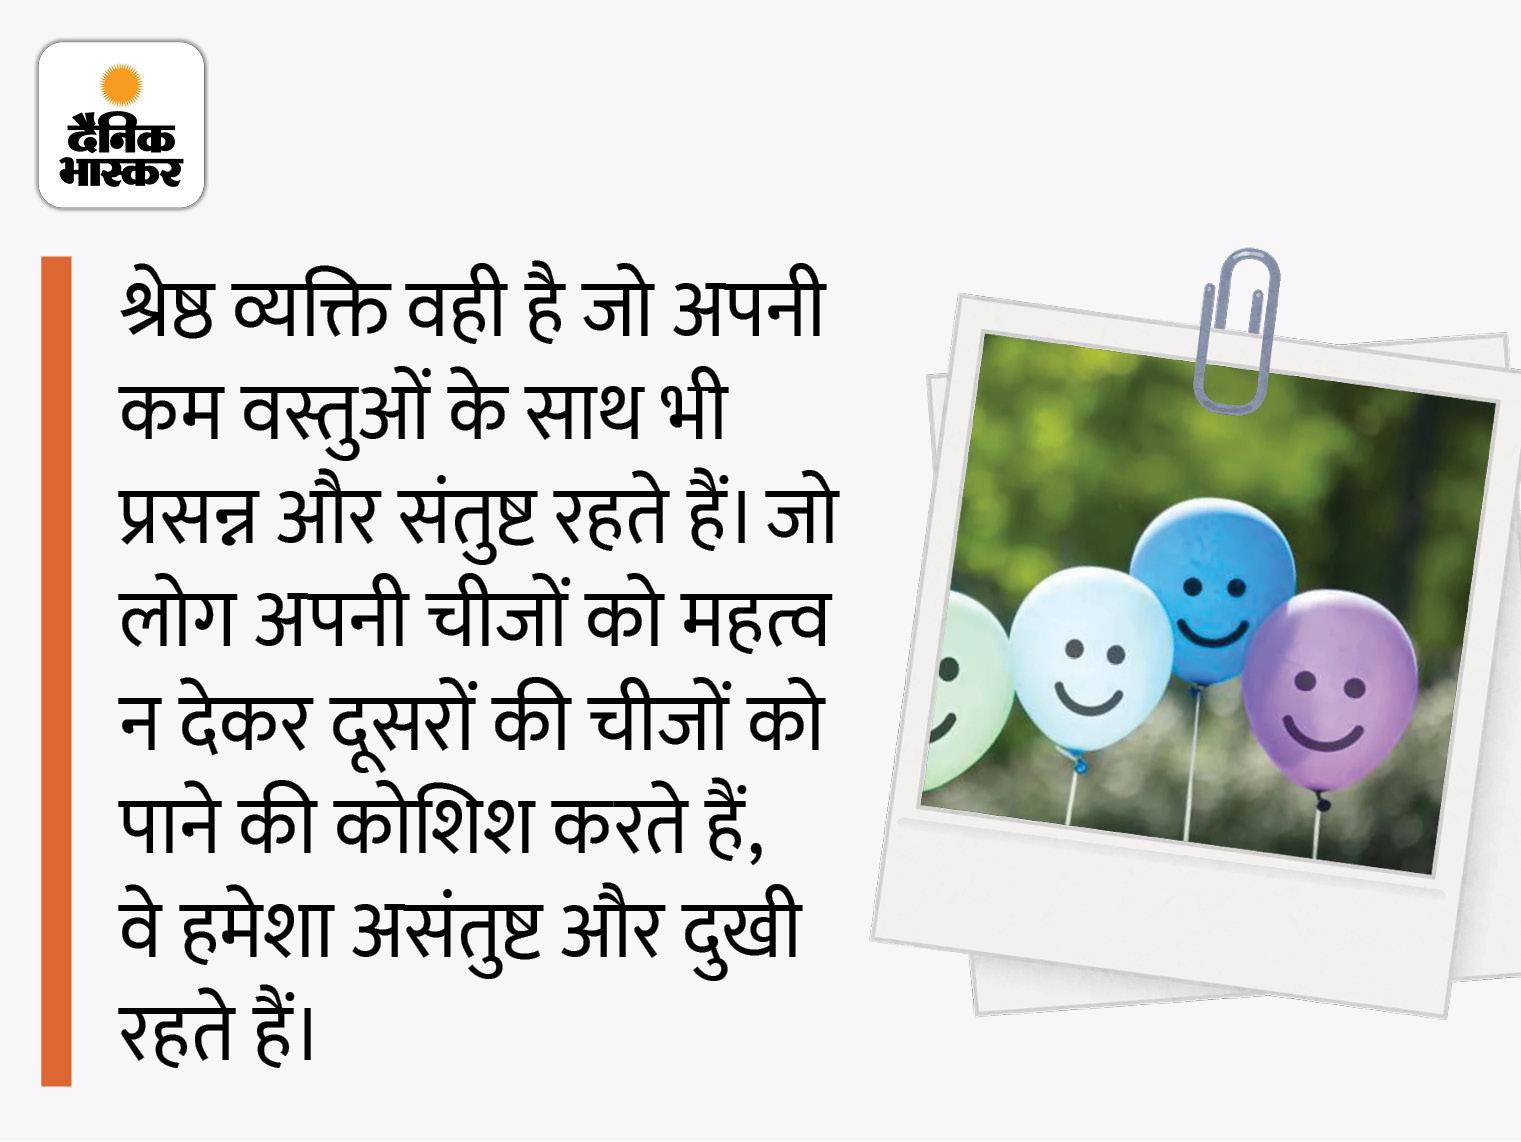 सभी को खुश रखना हमारे नियंत्रण में नहीं है, लेकिन हमारे नियंत्रण में ये जरूर है कि हमारी वजह से किसी को दु:ख न पहुंचे|धर्म,Dharm - Dainik Bhaskar